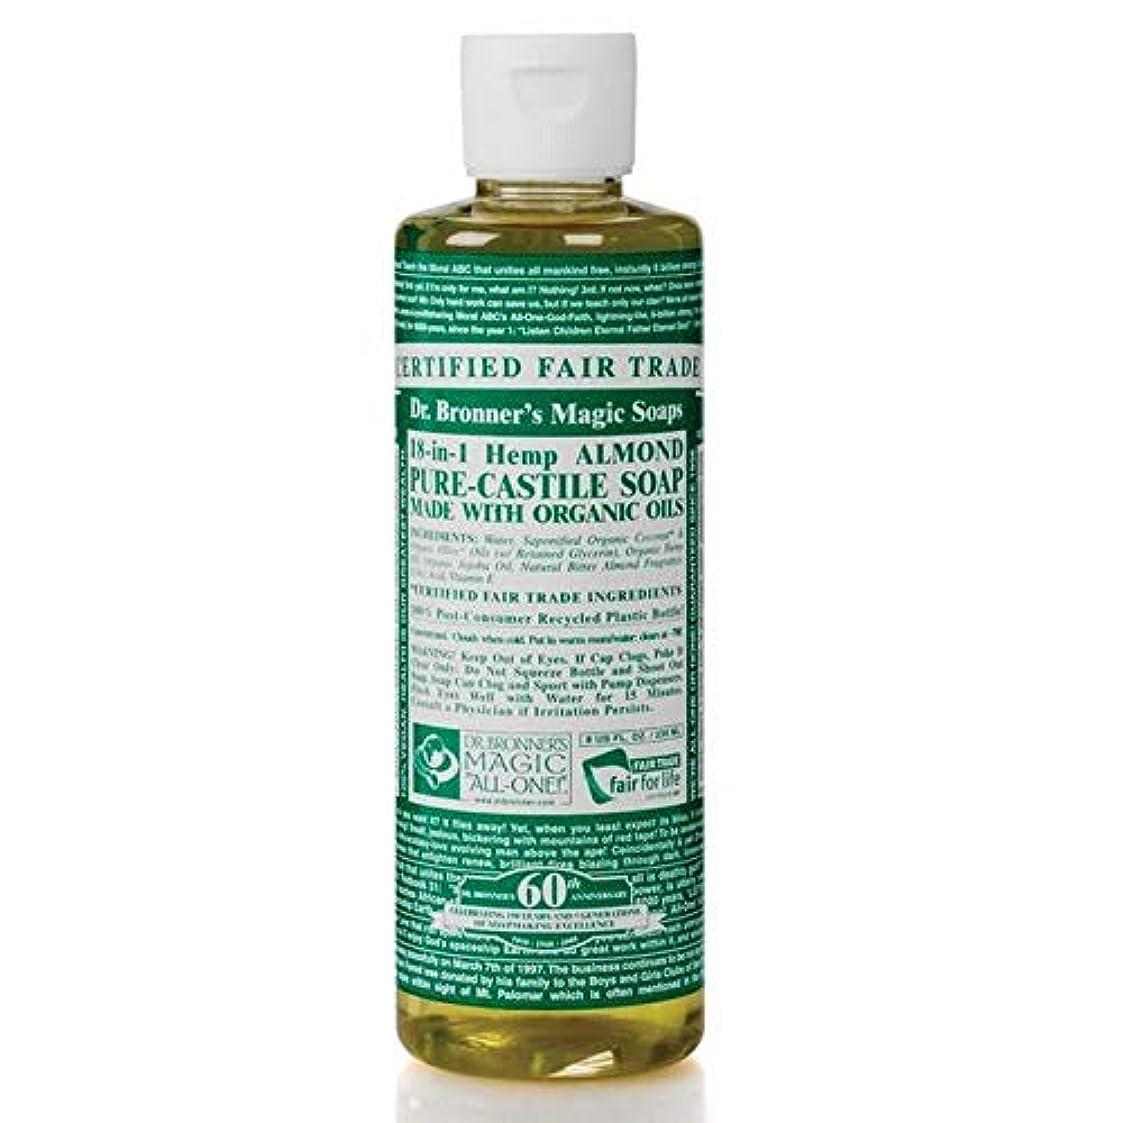 昼食そよ風レガシー[Dr Bronner] Dr。ブロナーズ有機アーモンドカスティーリャ液体石鹸473ミリリットル - Dr. Bronner's Organic Almond Castile Liquid Soap 473ml [並行輸入品]